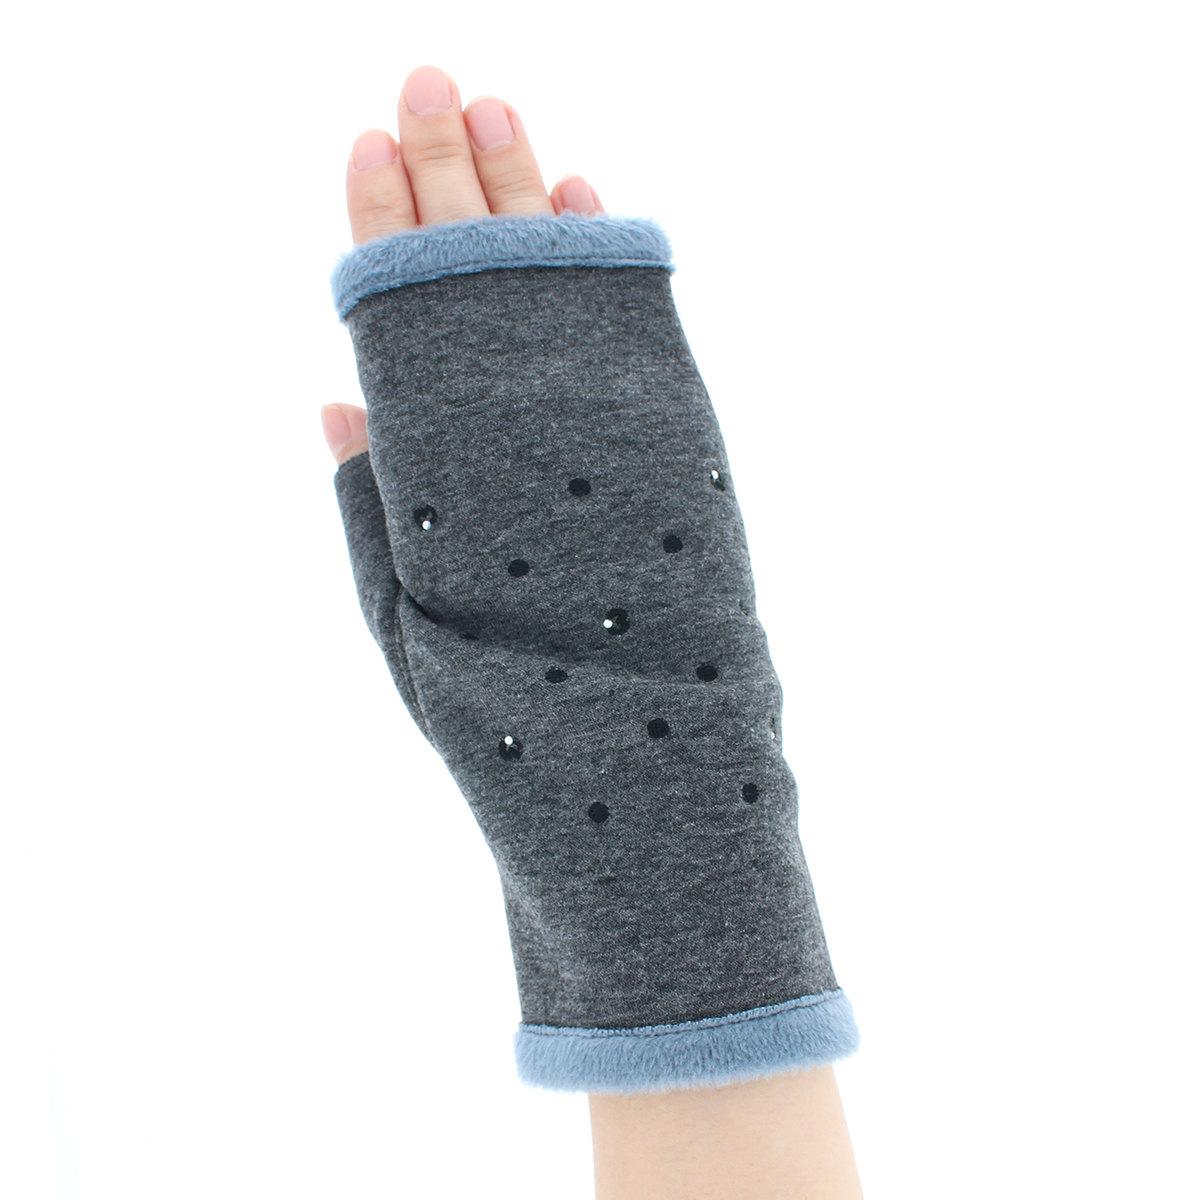 ミラショーン レディース ジャージ手袋 指なし手袋 秋冬 あったか 裏起毛素材 ラインストーン スマホ タッチパネル対応 フェミニン キレイ おしゃれ